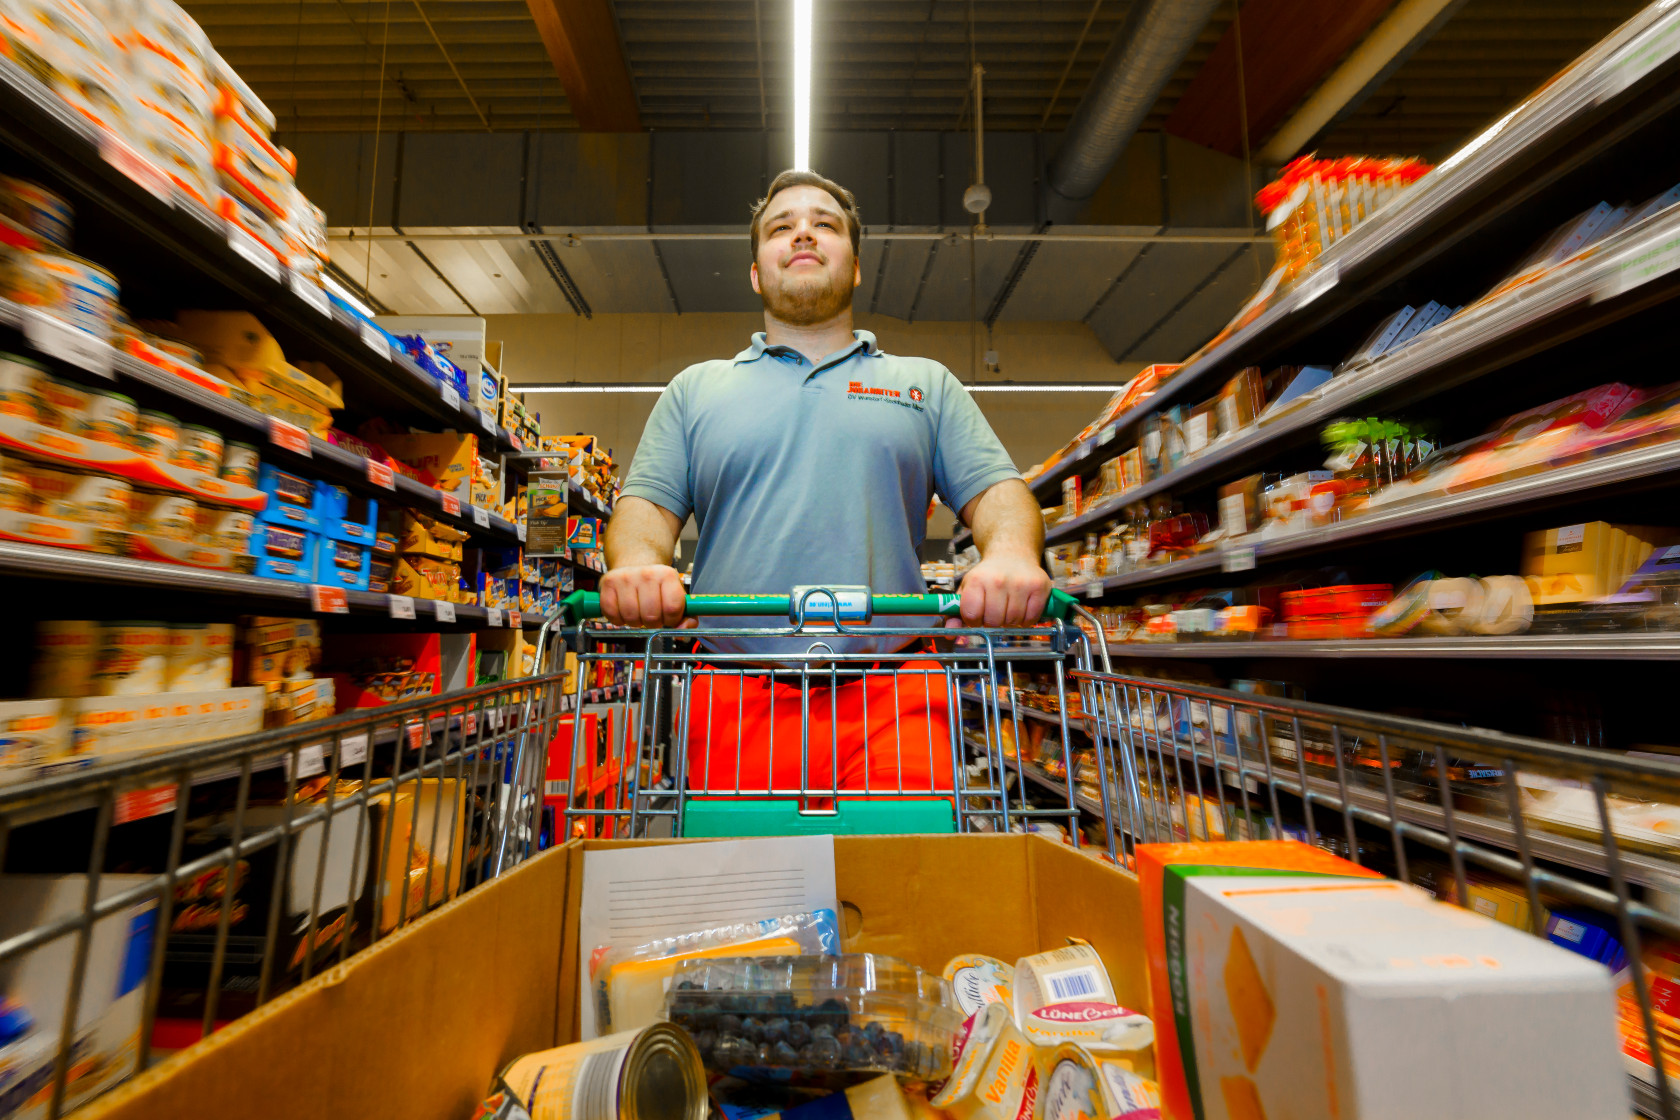 Helfer der Johanniter-Unfall-Hilfe beim Einkaufen während der Corona-Pandemie.